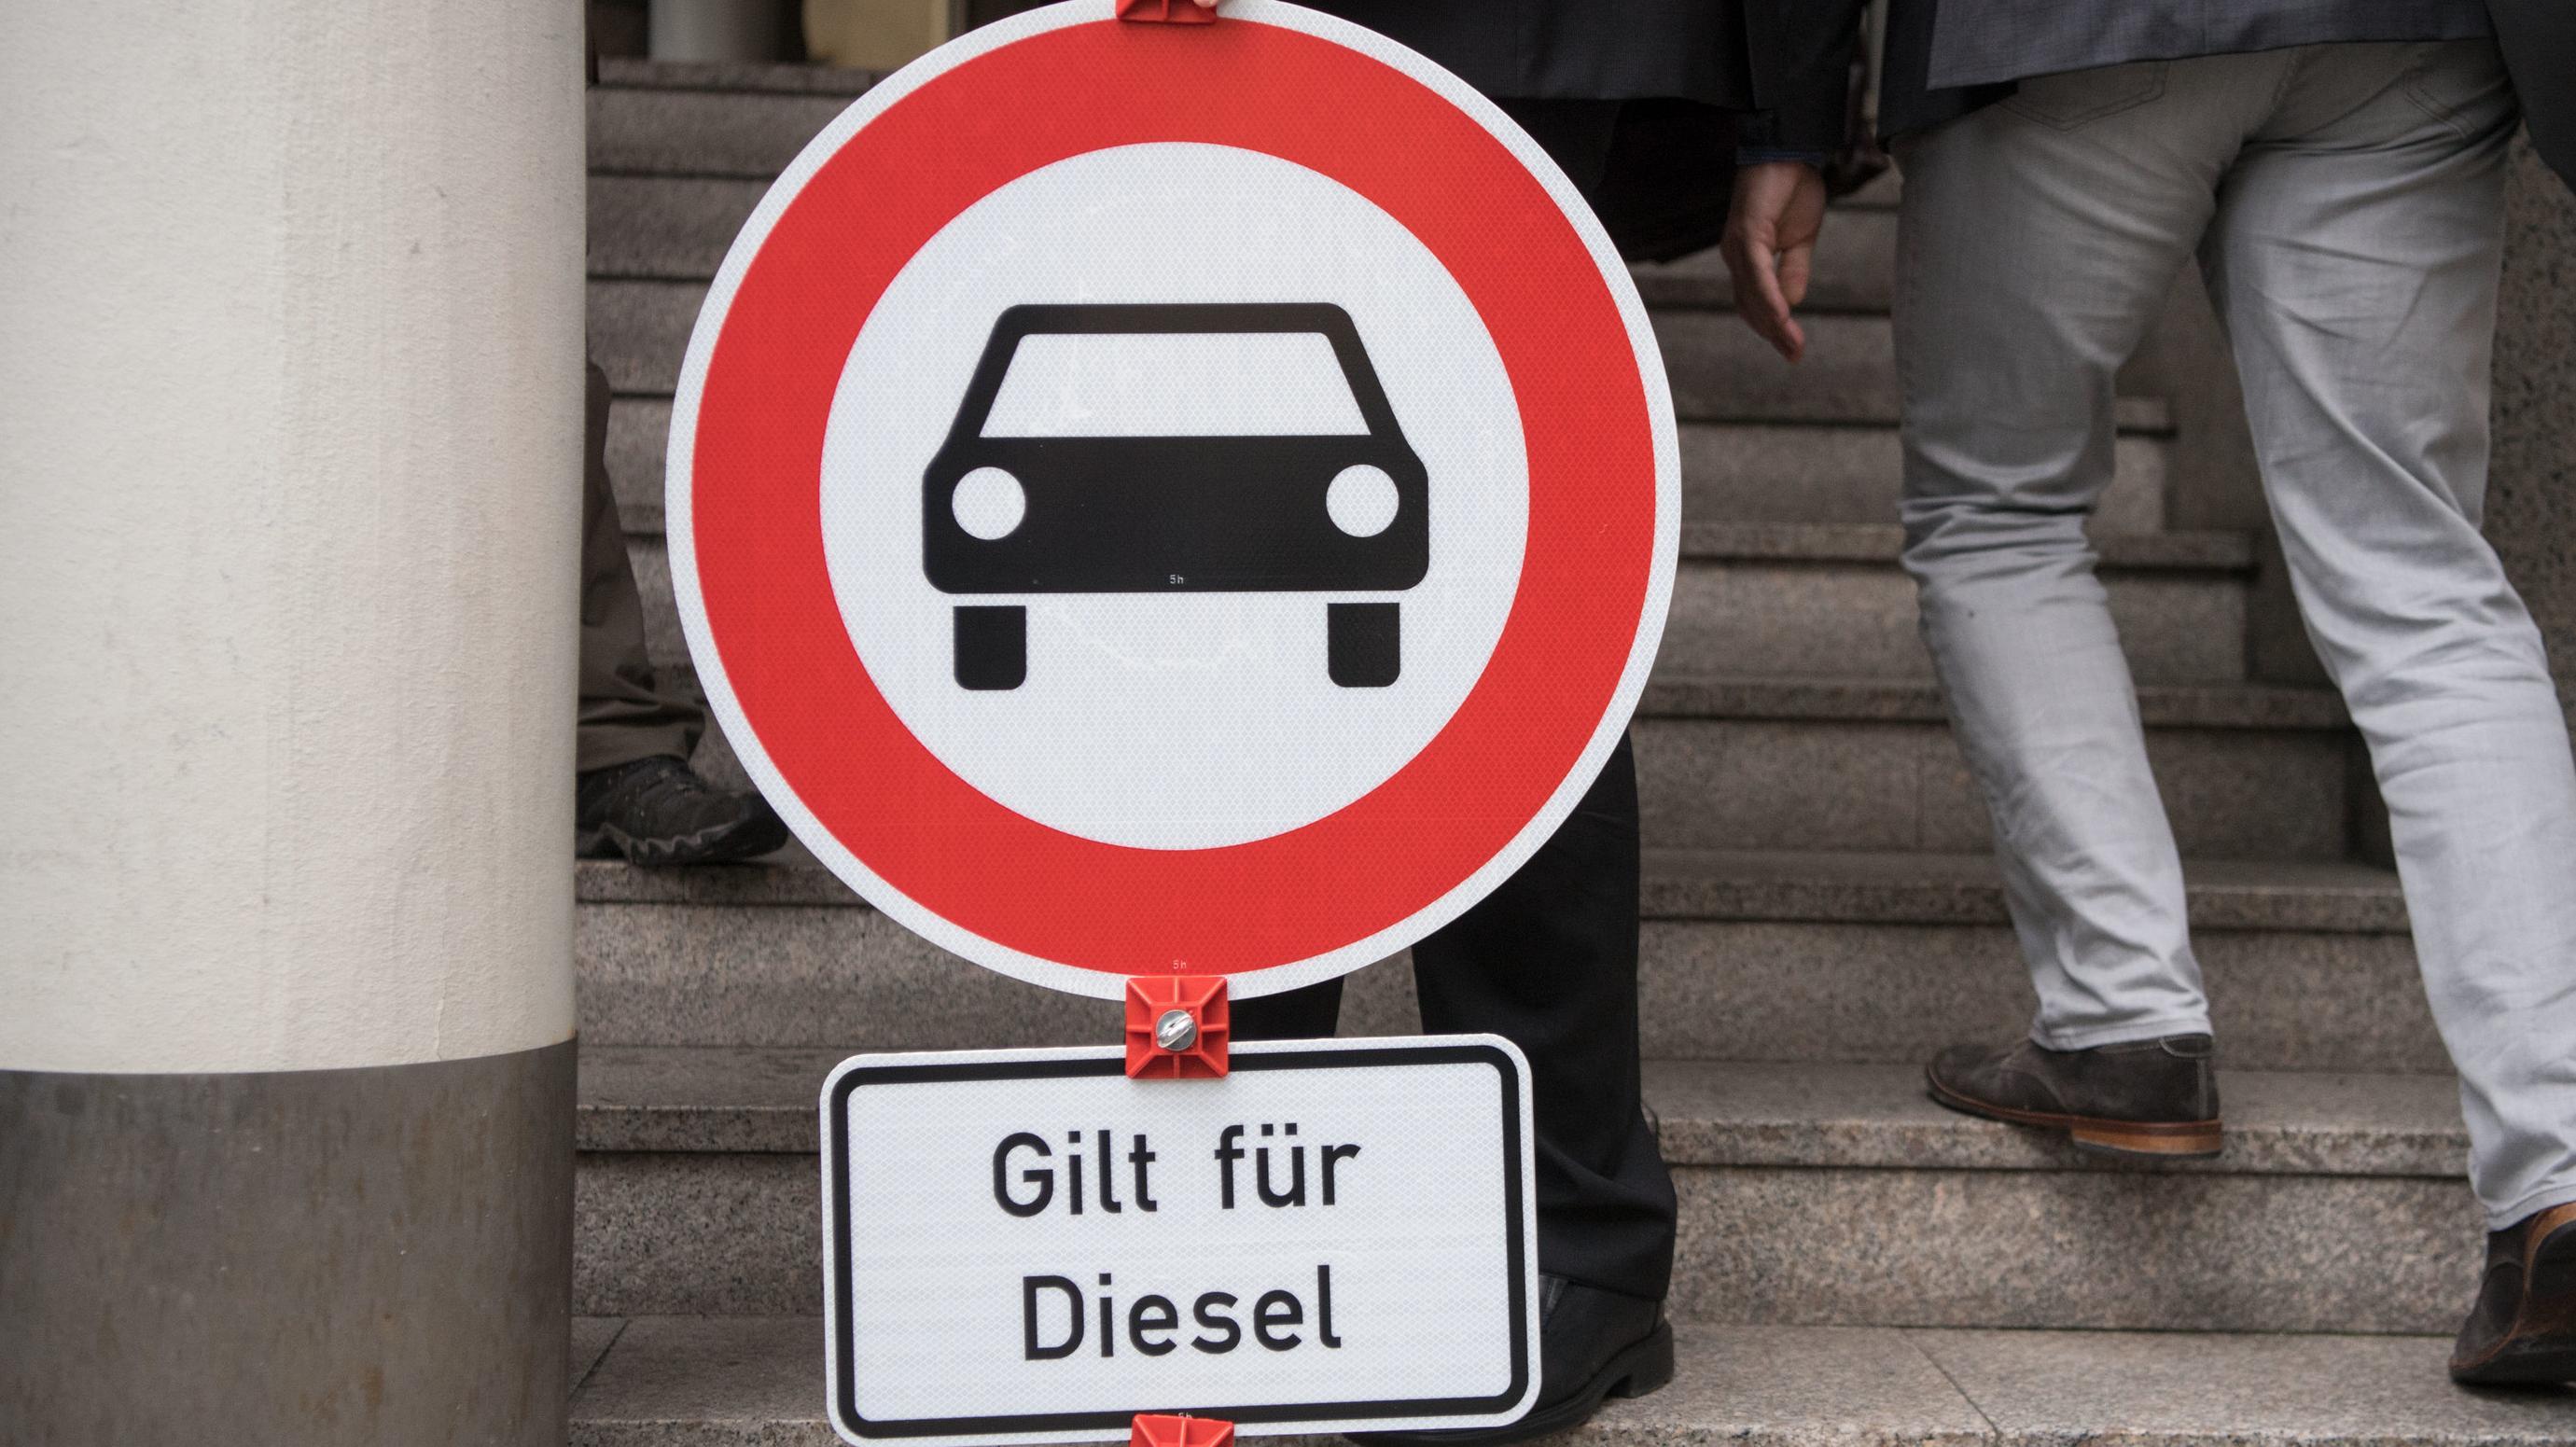 """Ein """"Durchfahrt verboten""""-Schild mit dem Zusatz """"Gilt für Diesel"""" steht vor der Urteilsverkündung in der Klage gegen einen Luftreinhalteplan vor dem Stuttgarter Verwaltungsgericht im Juli 2017."""